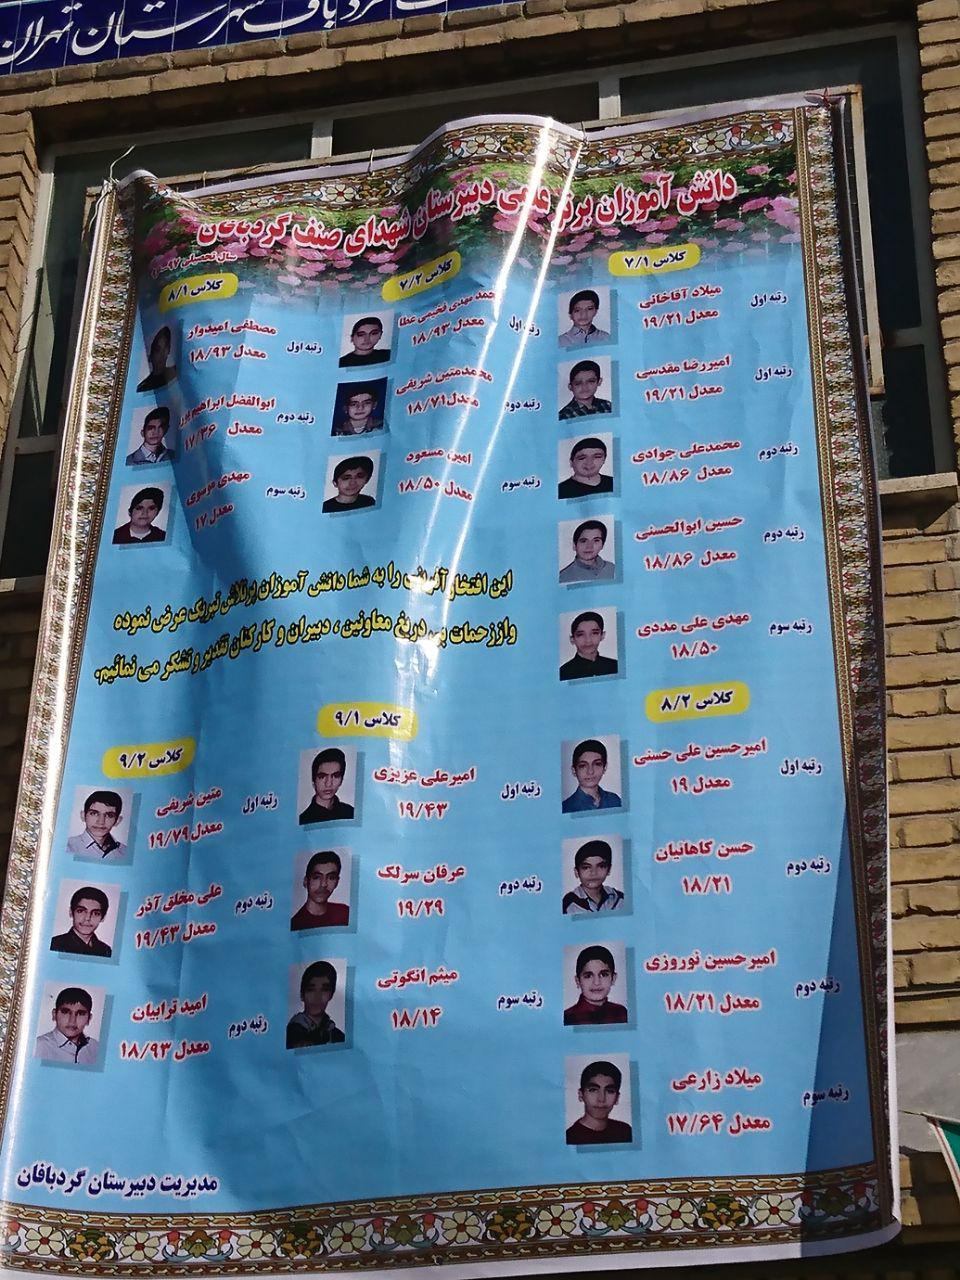 تقدیر از دانش آموزان برتر دبیرستان شهدای صنف گردبافان در نمازخانه ی دبیرستان